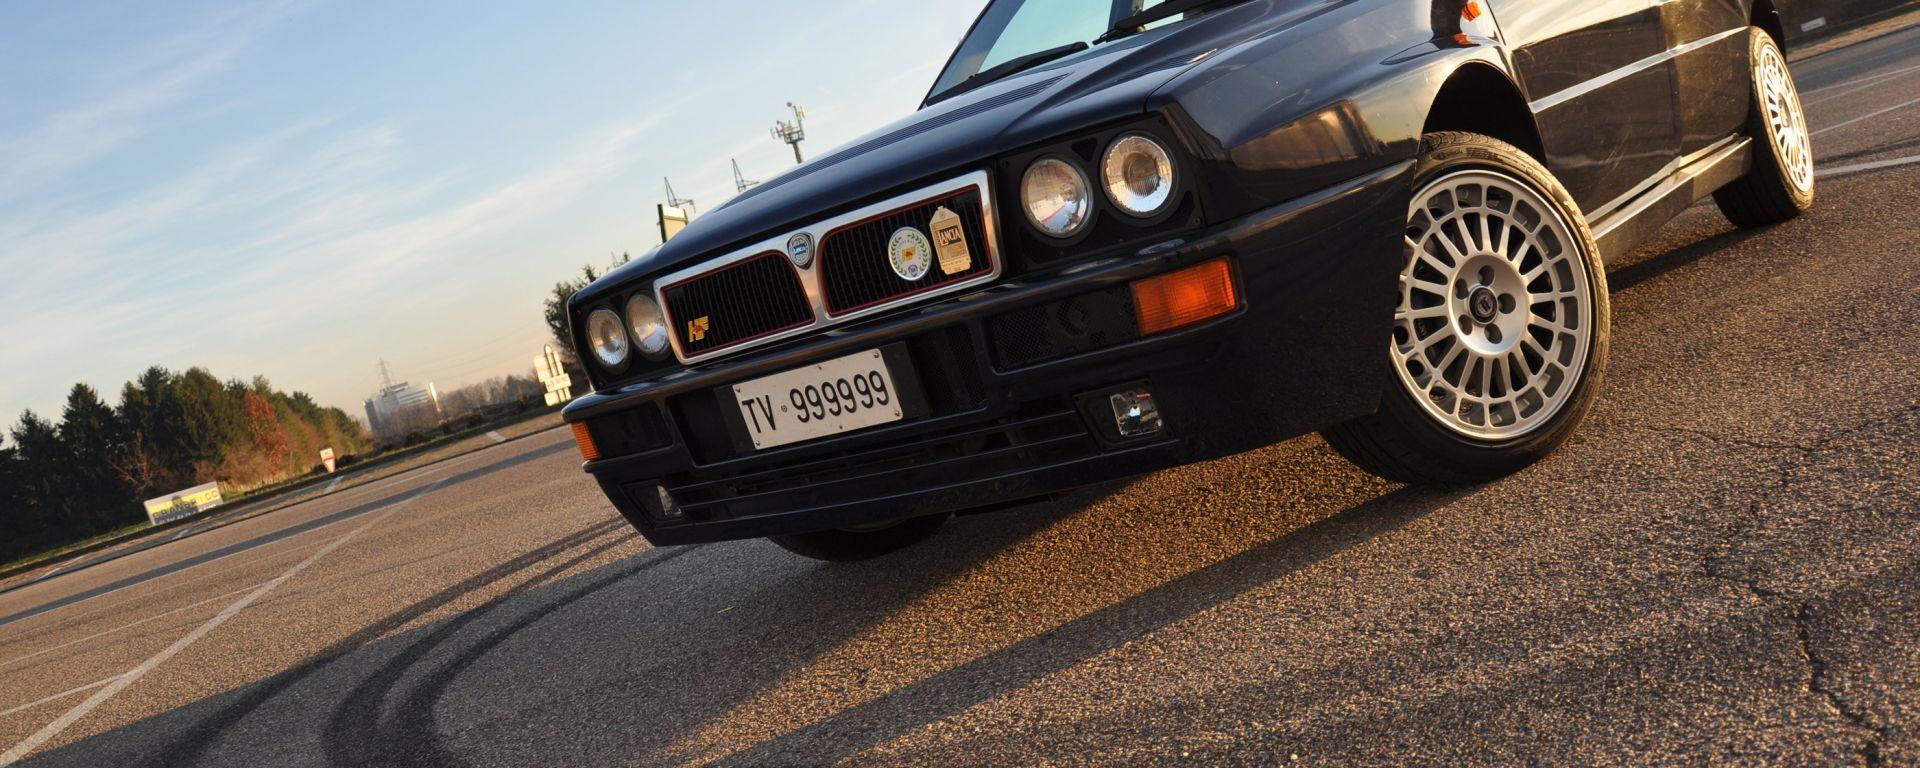 Come scegliere l'auto usata: 10 regole per non sbagliare